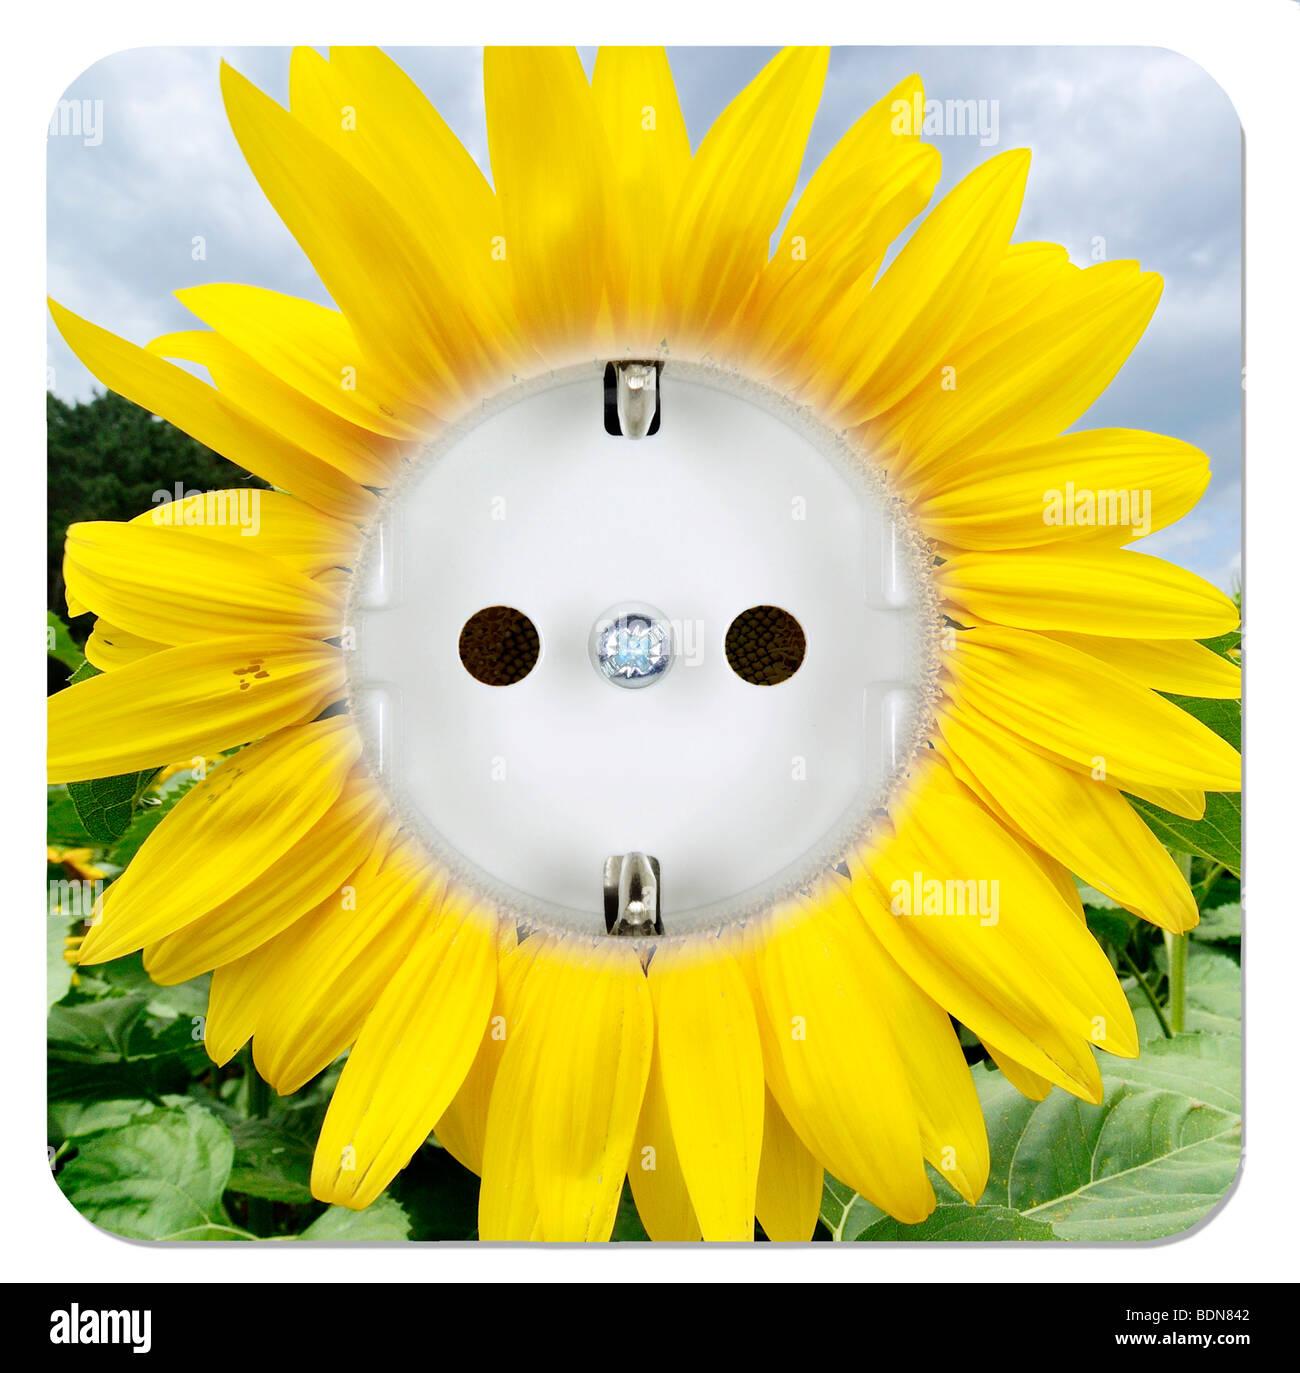 Grüne Steckdose in Form einer Sonnenblume Stockbild